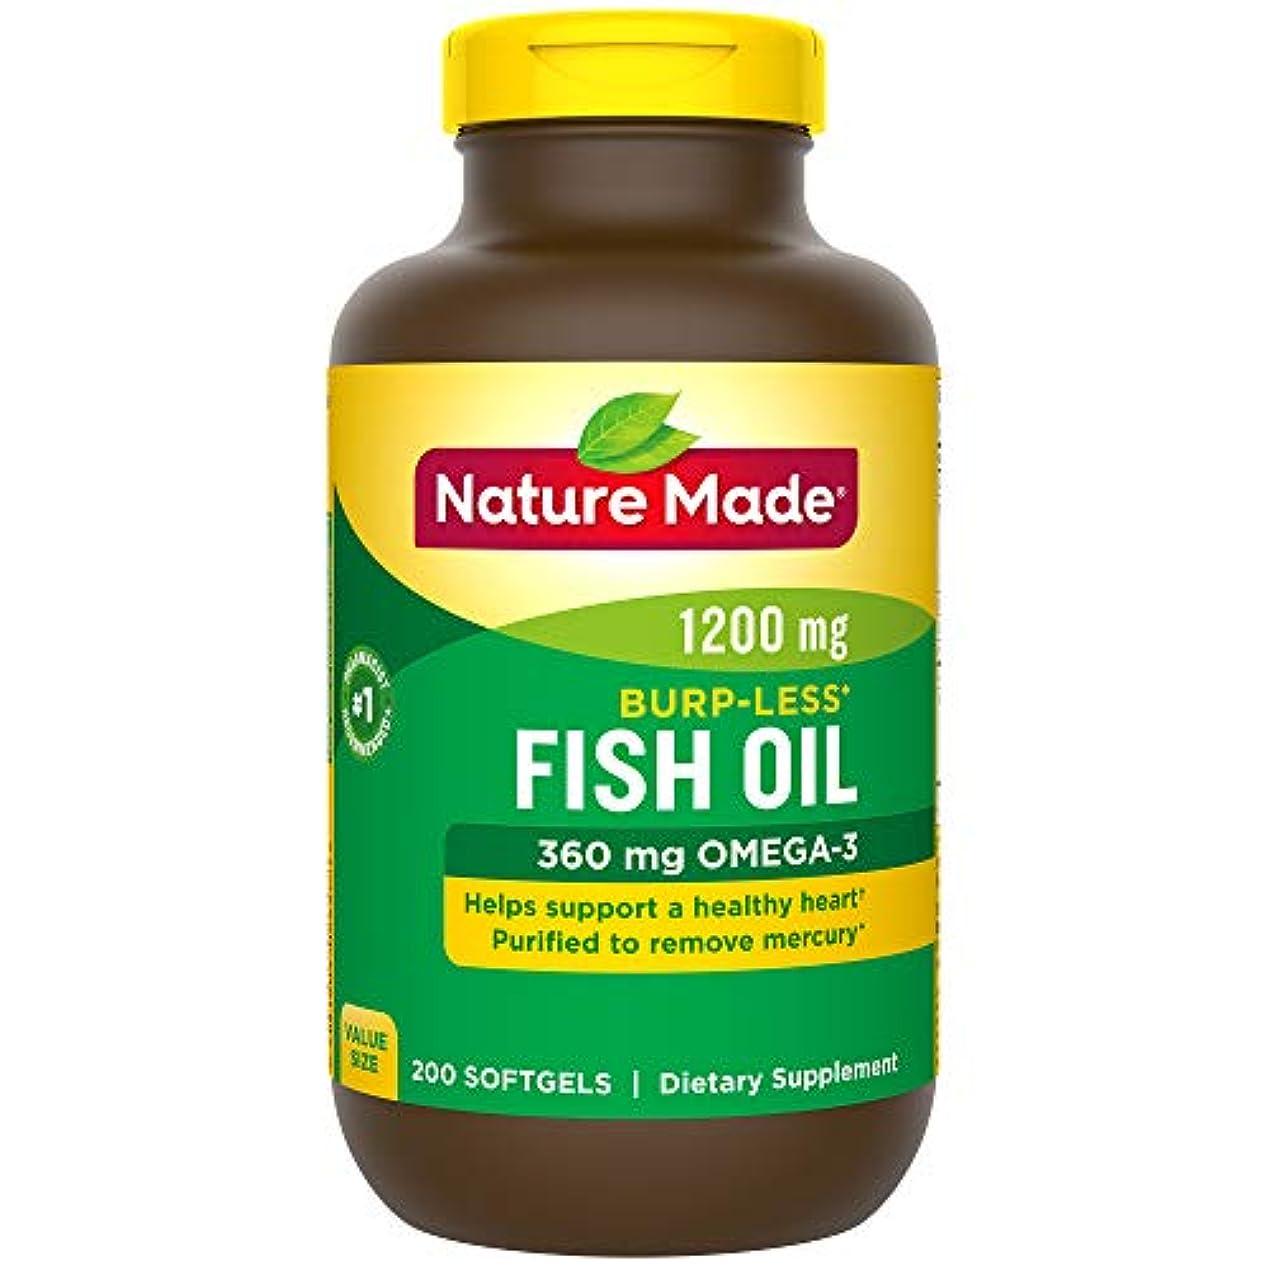 誇りに思うラップペチュランスNature Made Fish Oil 1200 Mg Burp-less, Value Size, 200-Count 海外直送品